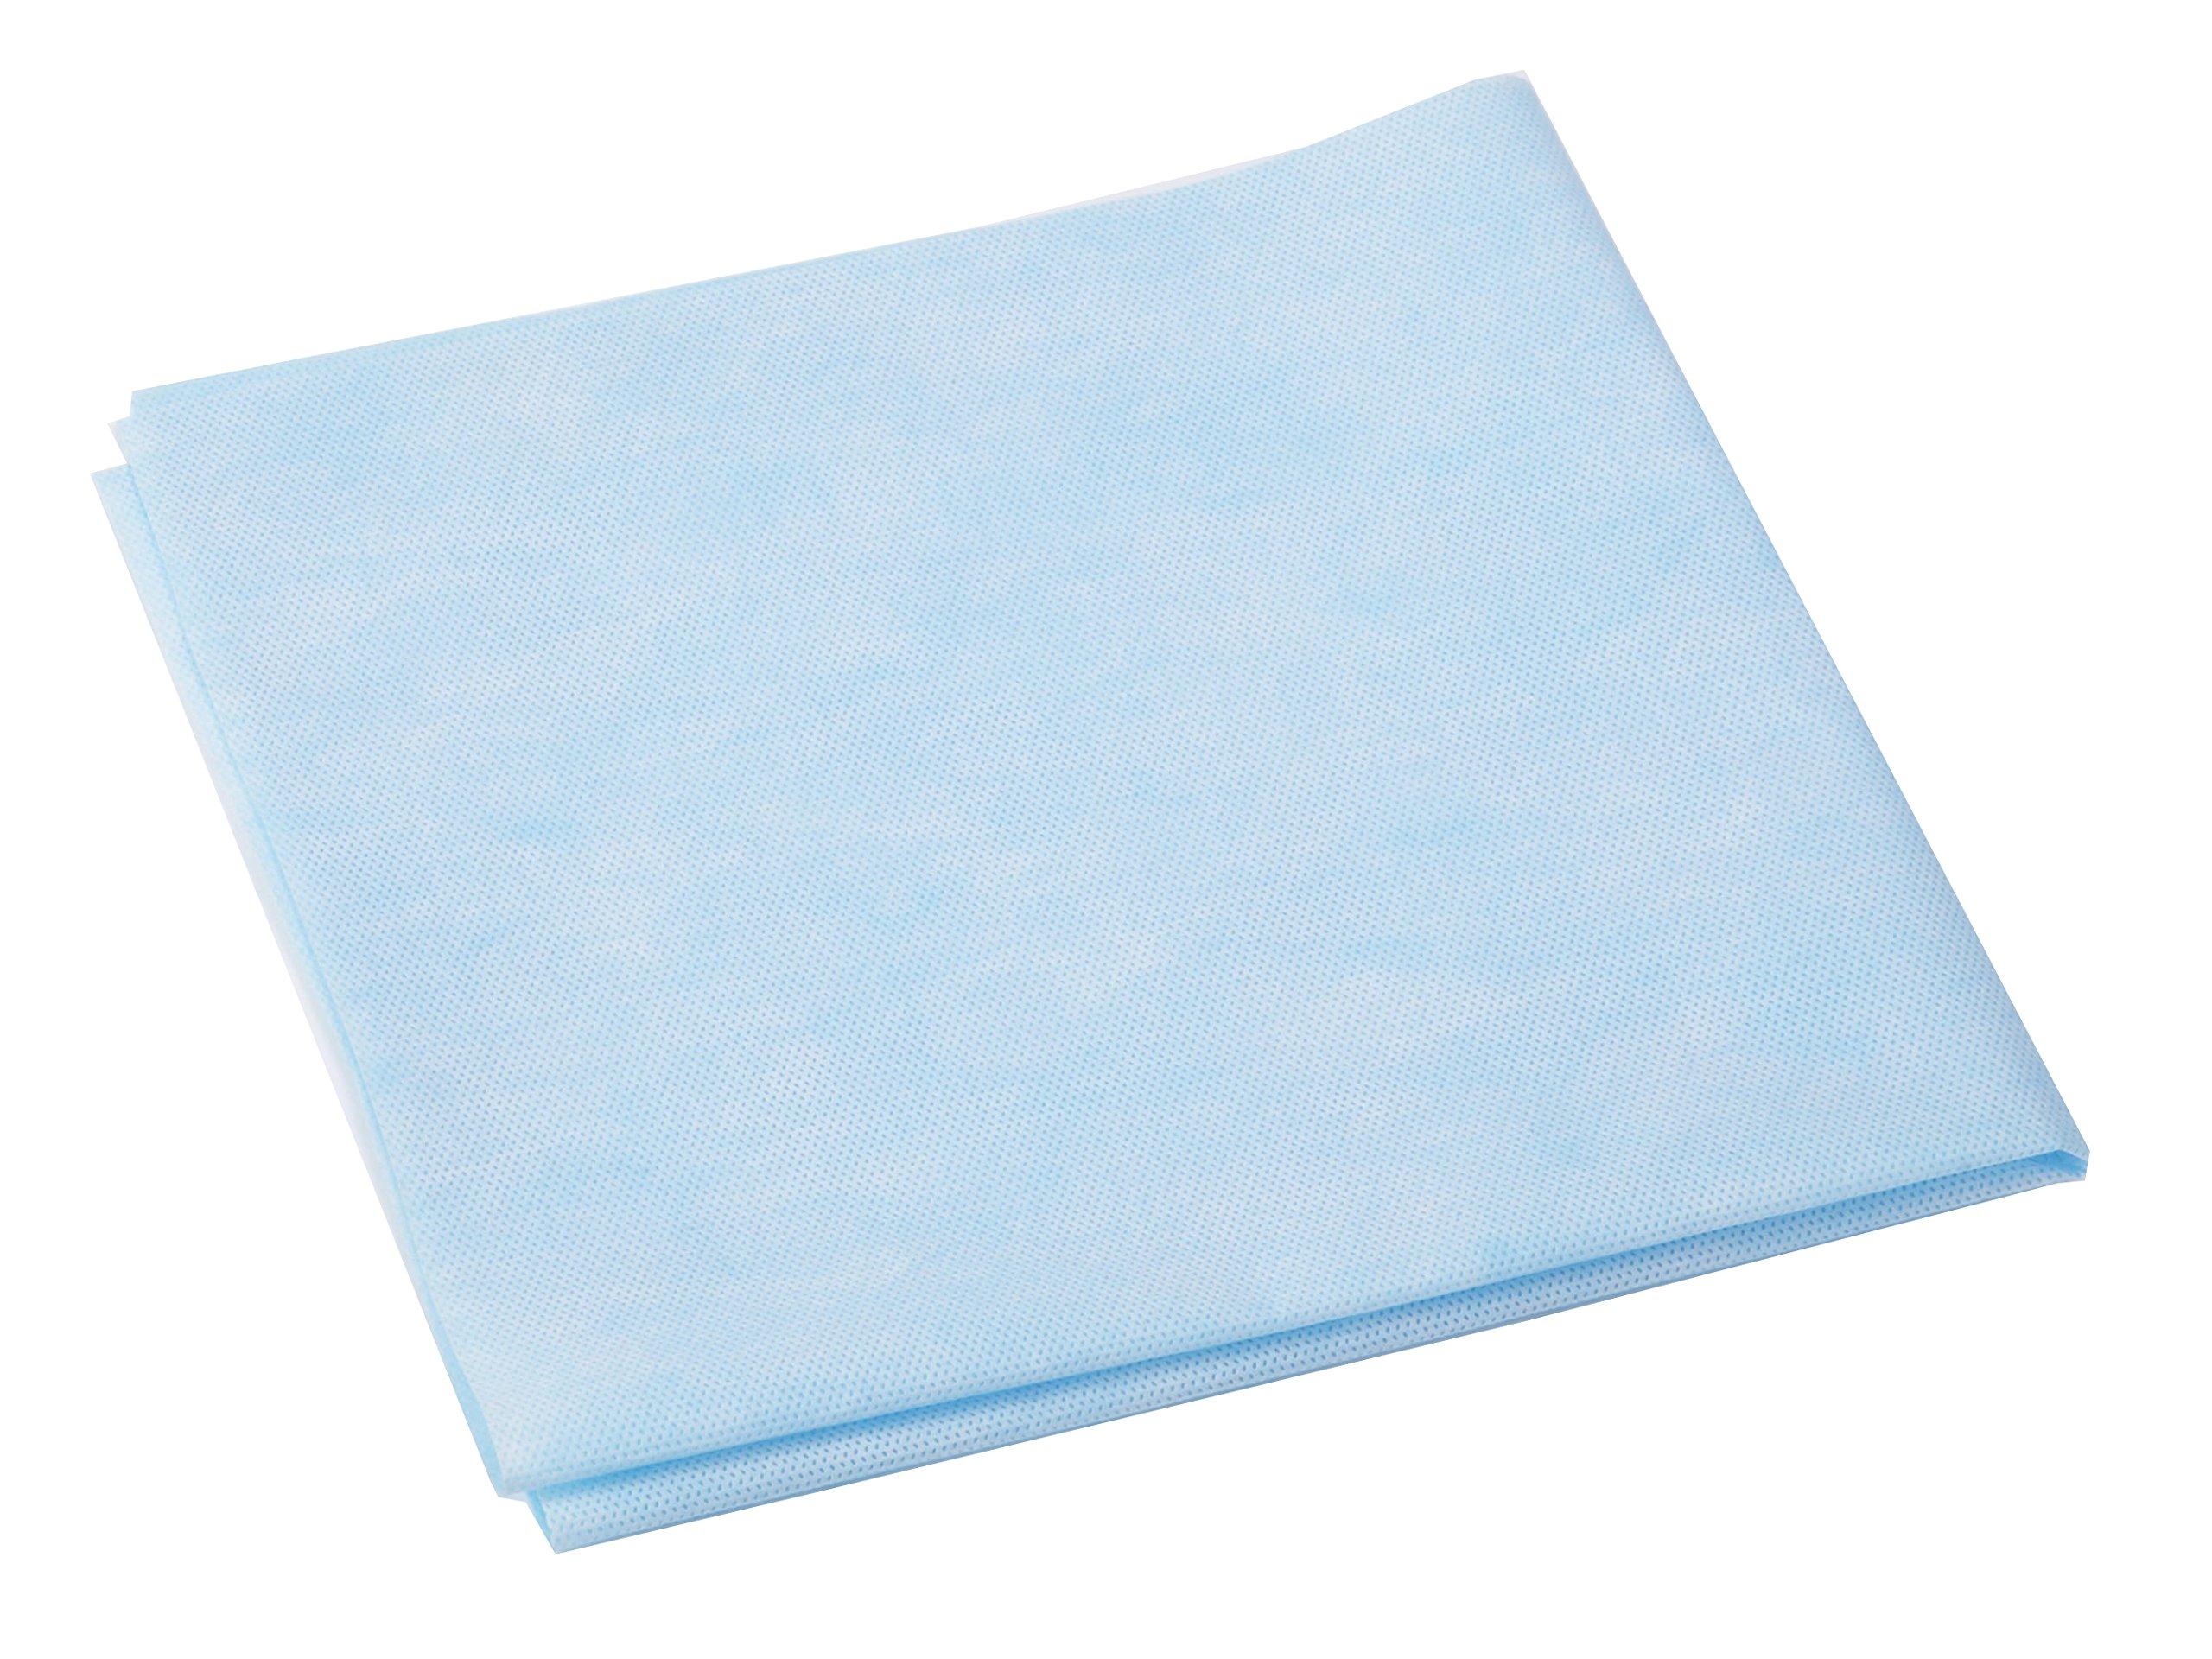 Medline GEM1124 Lightweight Surgical Instrument Sterilization Wraps, 24'' x 24'', Blue (Pack of 500)